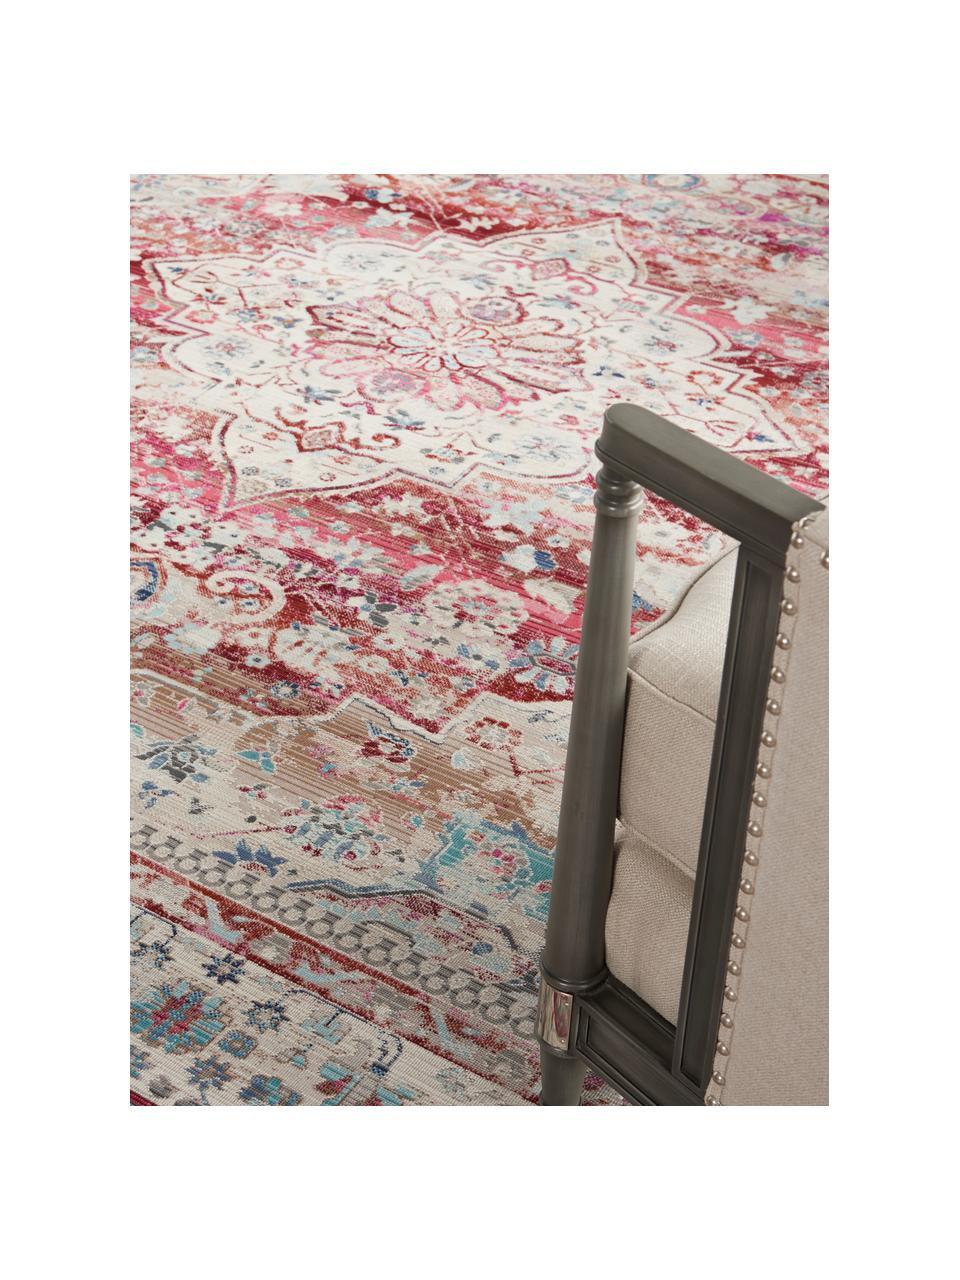 Dywan w stylu vintage Kashan, Beżowy, czerwony, niebieski, S 160 x D 240 cm (Rozmiar M)